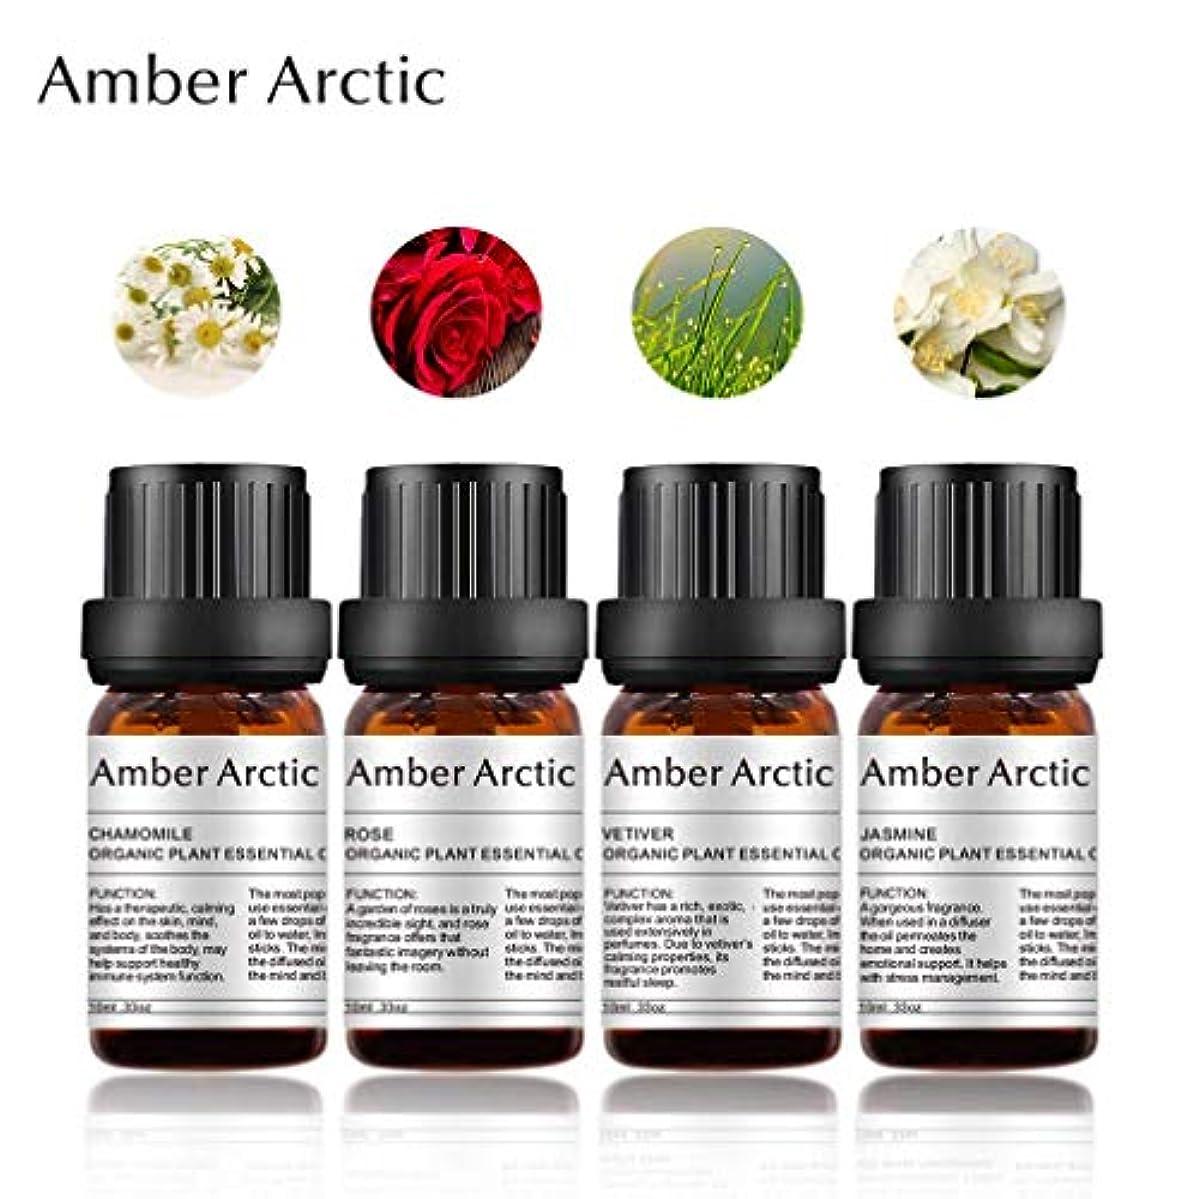 遠洋の若者ヒールAmber Arctic 4 パック 精油 セット、 100% 純粋 天然 アロマ 最良 治療 グレード エッセンシャル オイル (ジャスミン、 ベチバー、 ローズ、 カモミール)